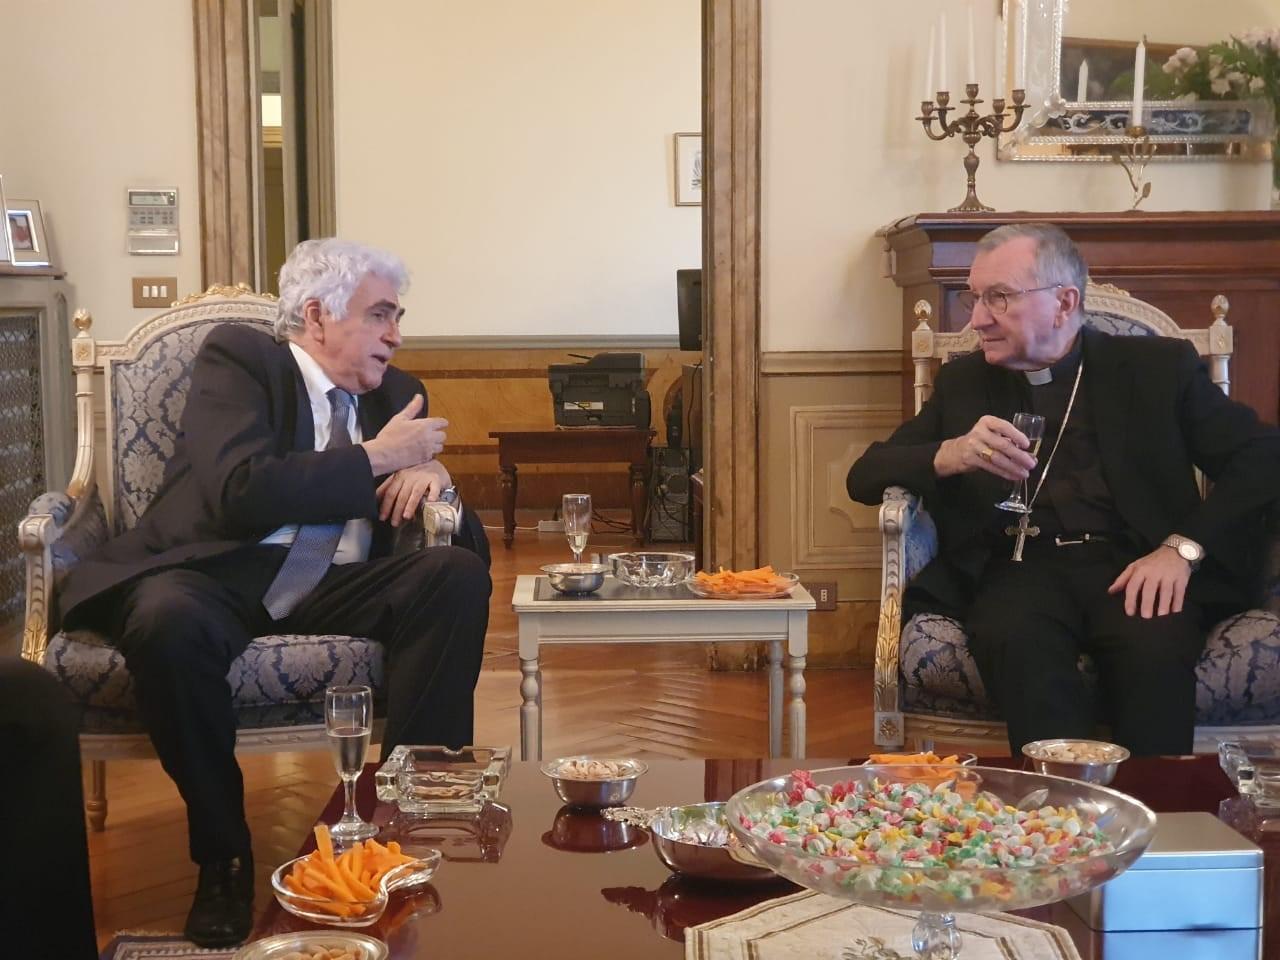 وزير خارجية الفاتيكان لحتّي: على لبنان التحاور مع أميركا وصندوق النقد الدولي لإيجاد مخارج لأزمته الاقتصادية والمالية